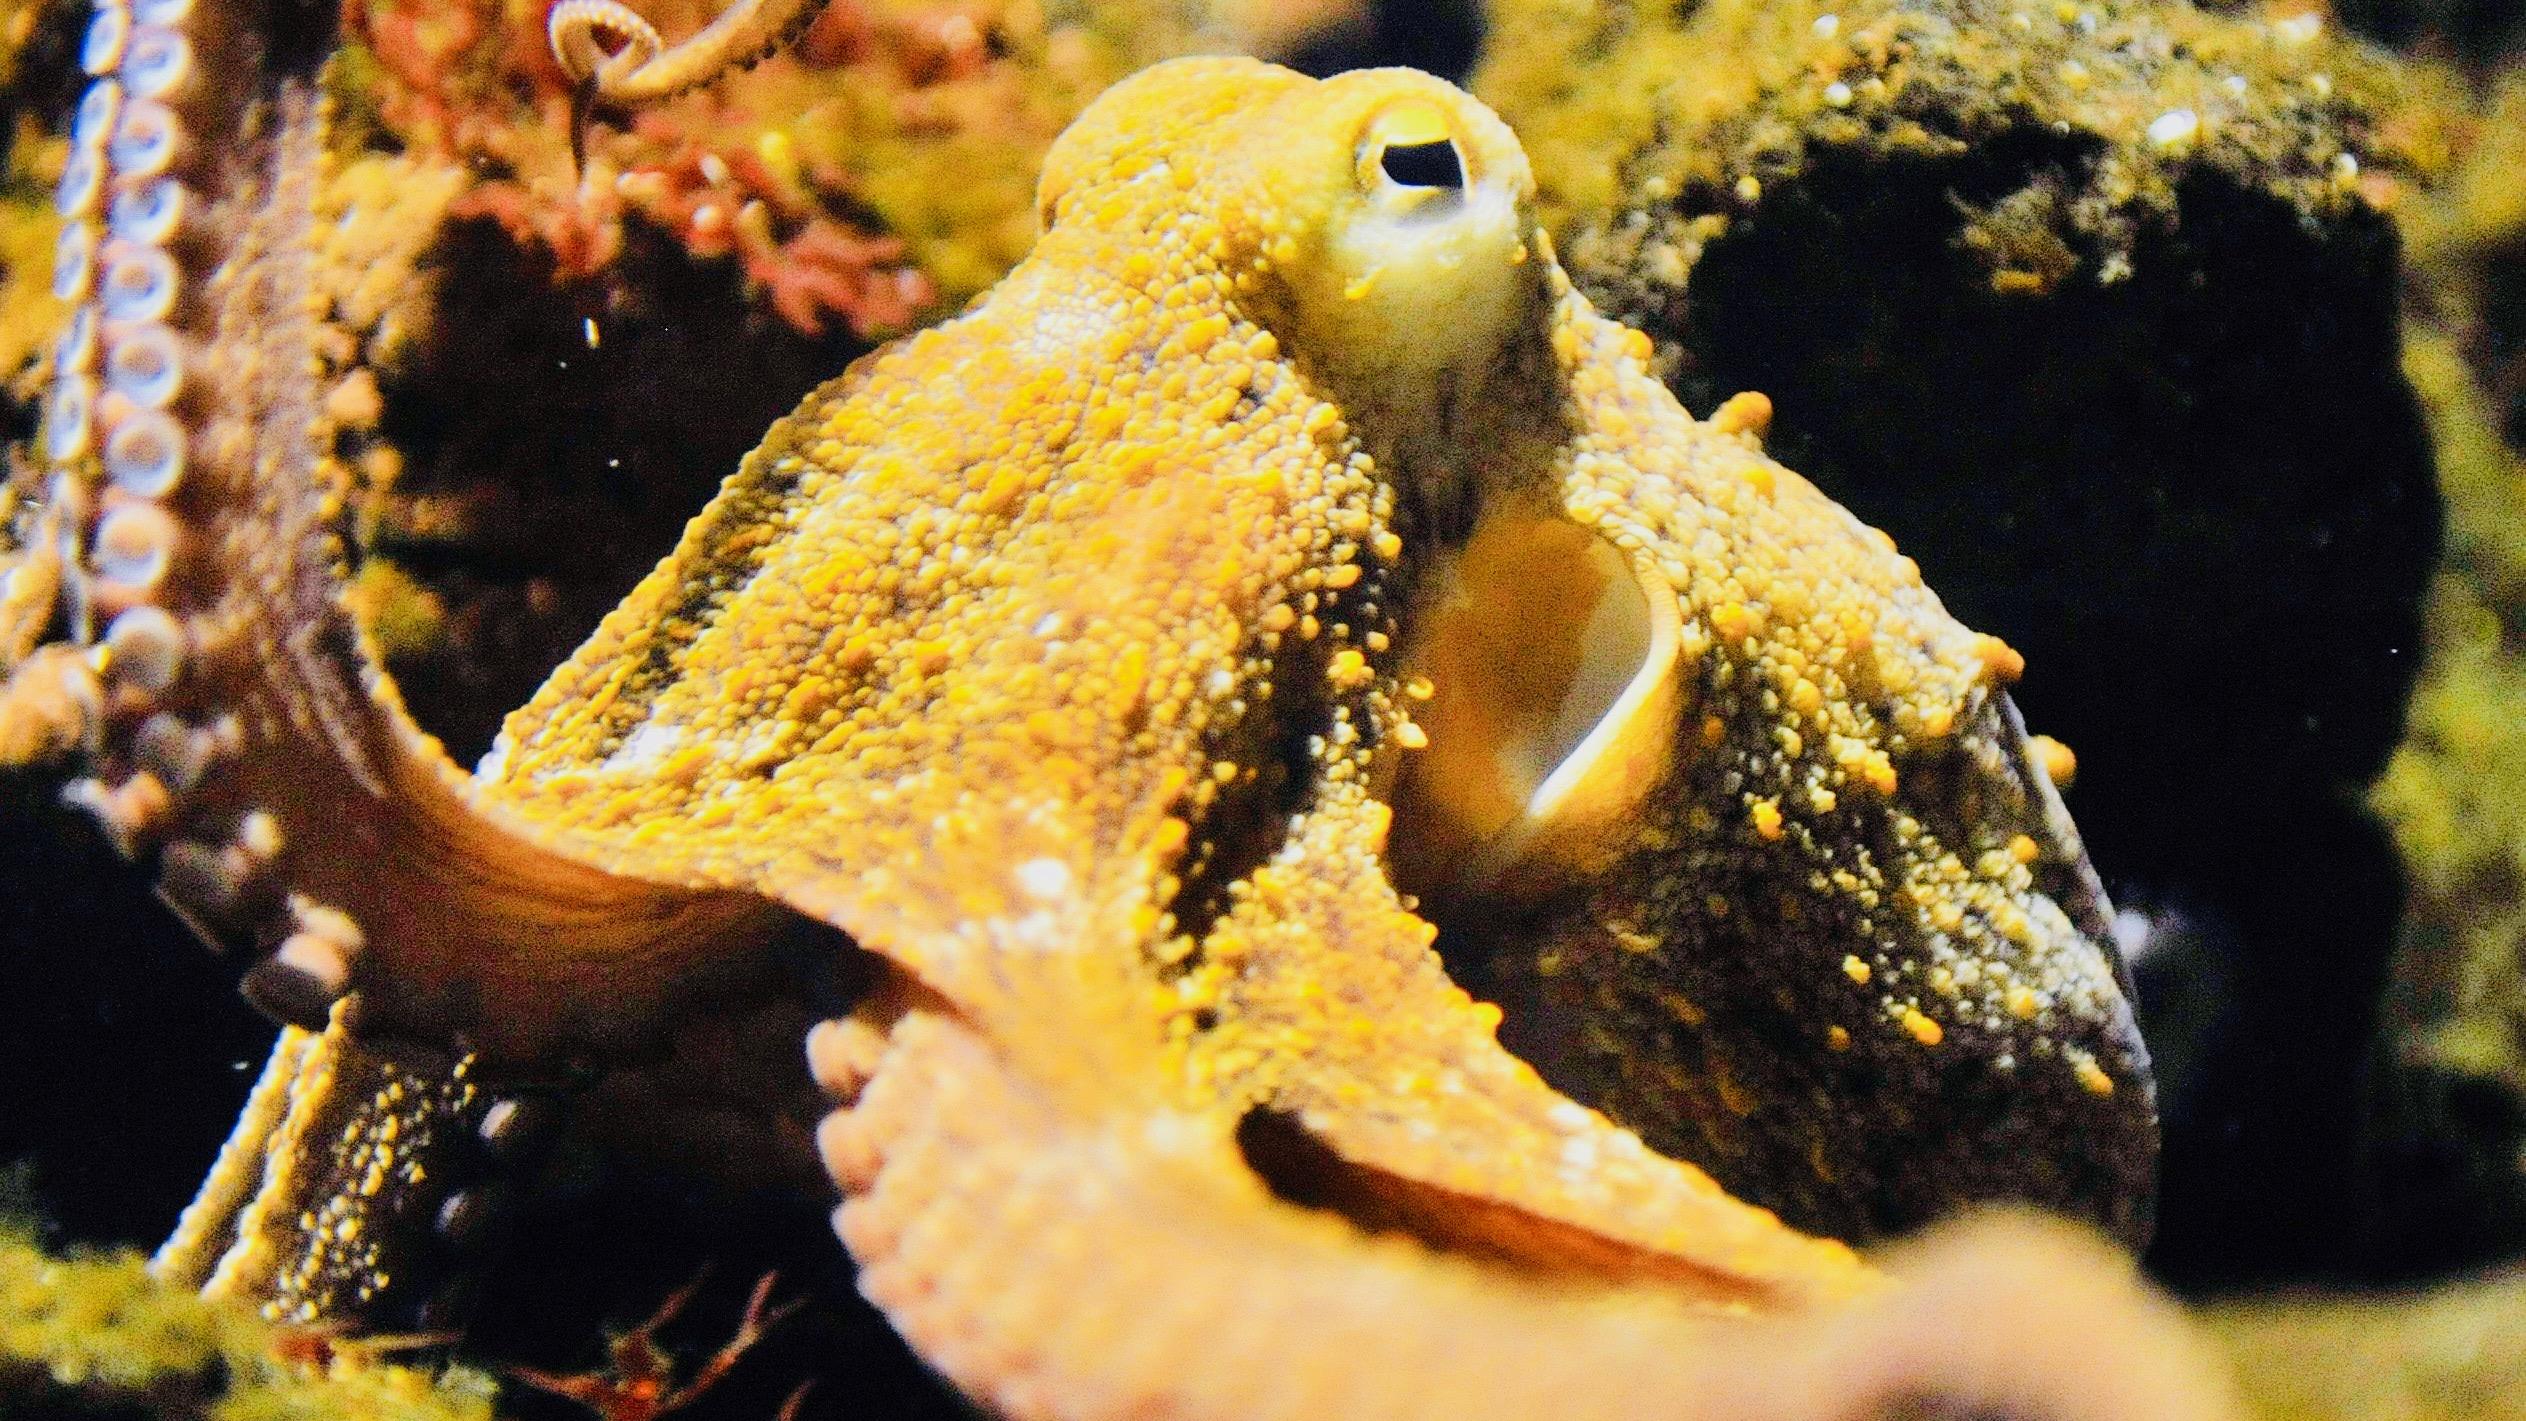 Octopus vulgaris in the Basel Zoo.